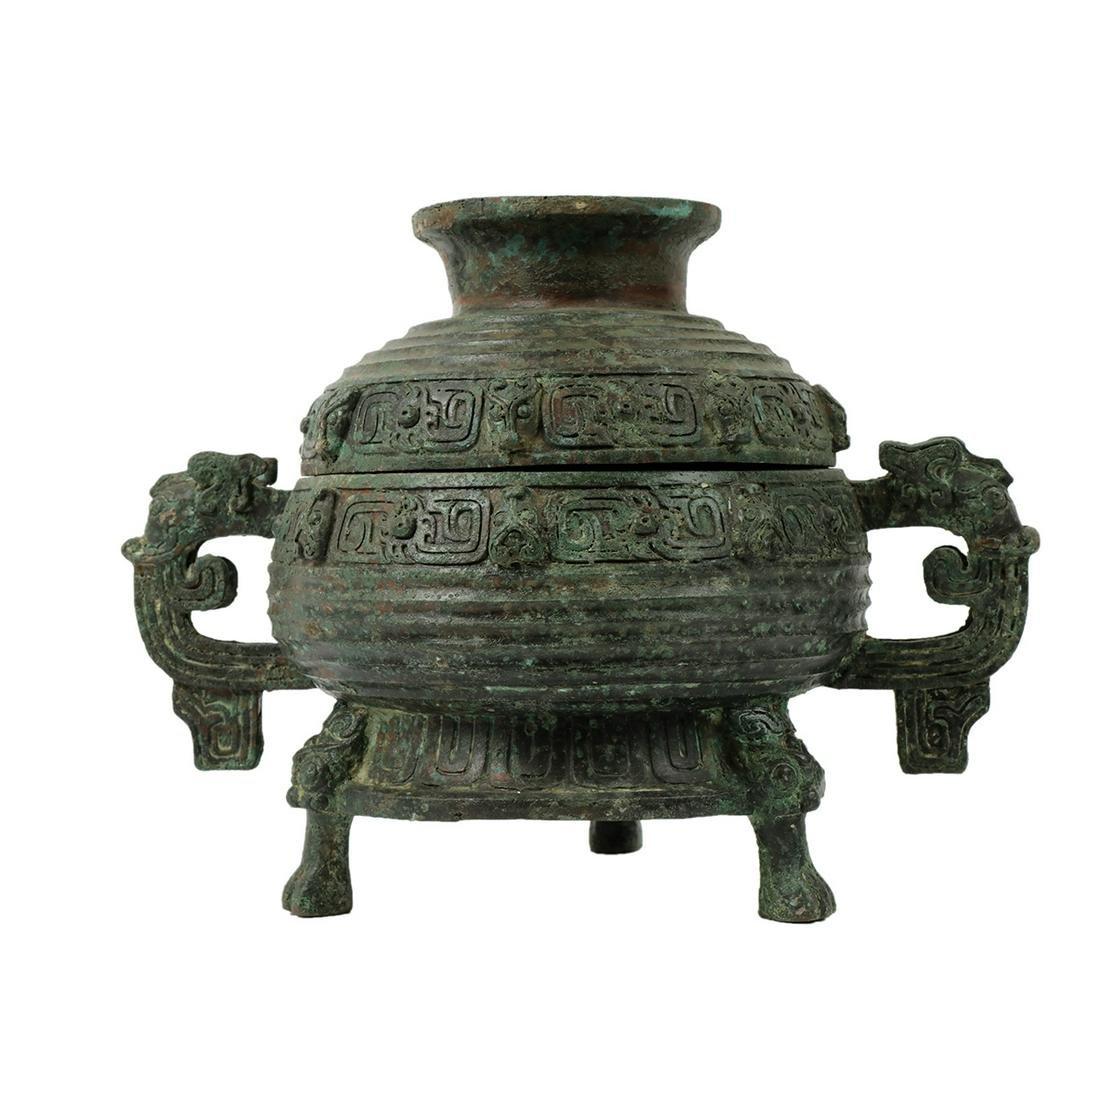 Antique Chinese Incense Burner c.19th century.